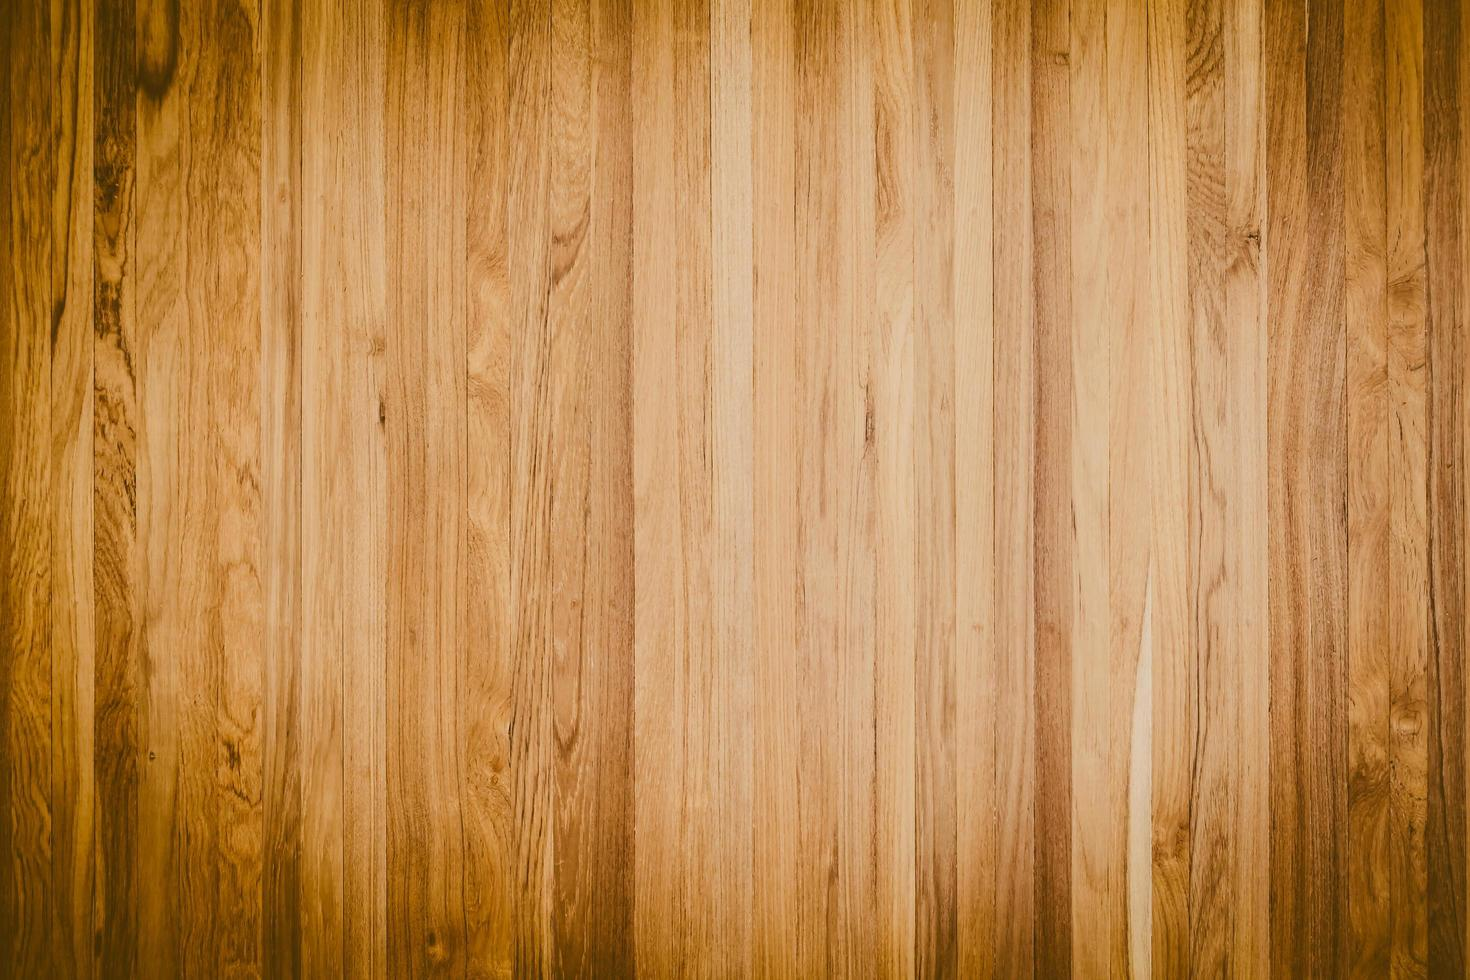 trä textur för bakgrund foto